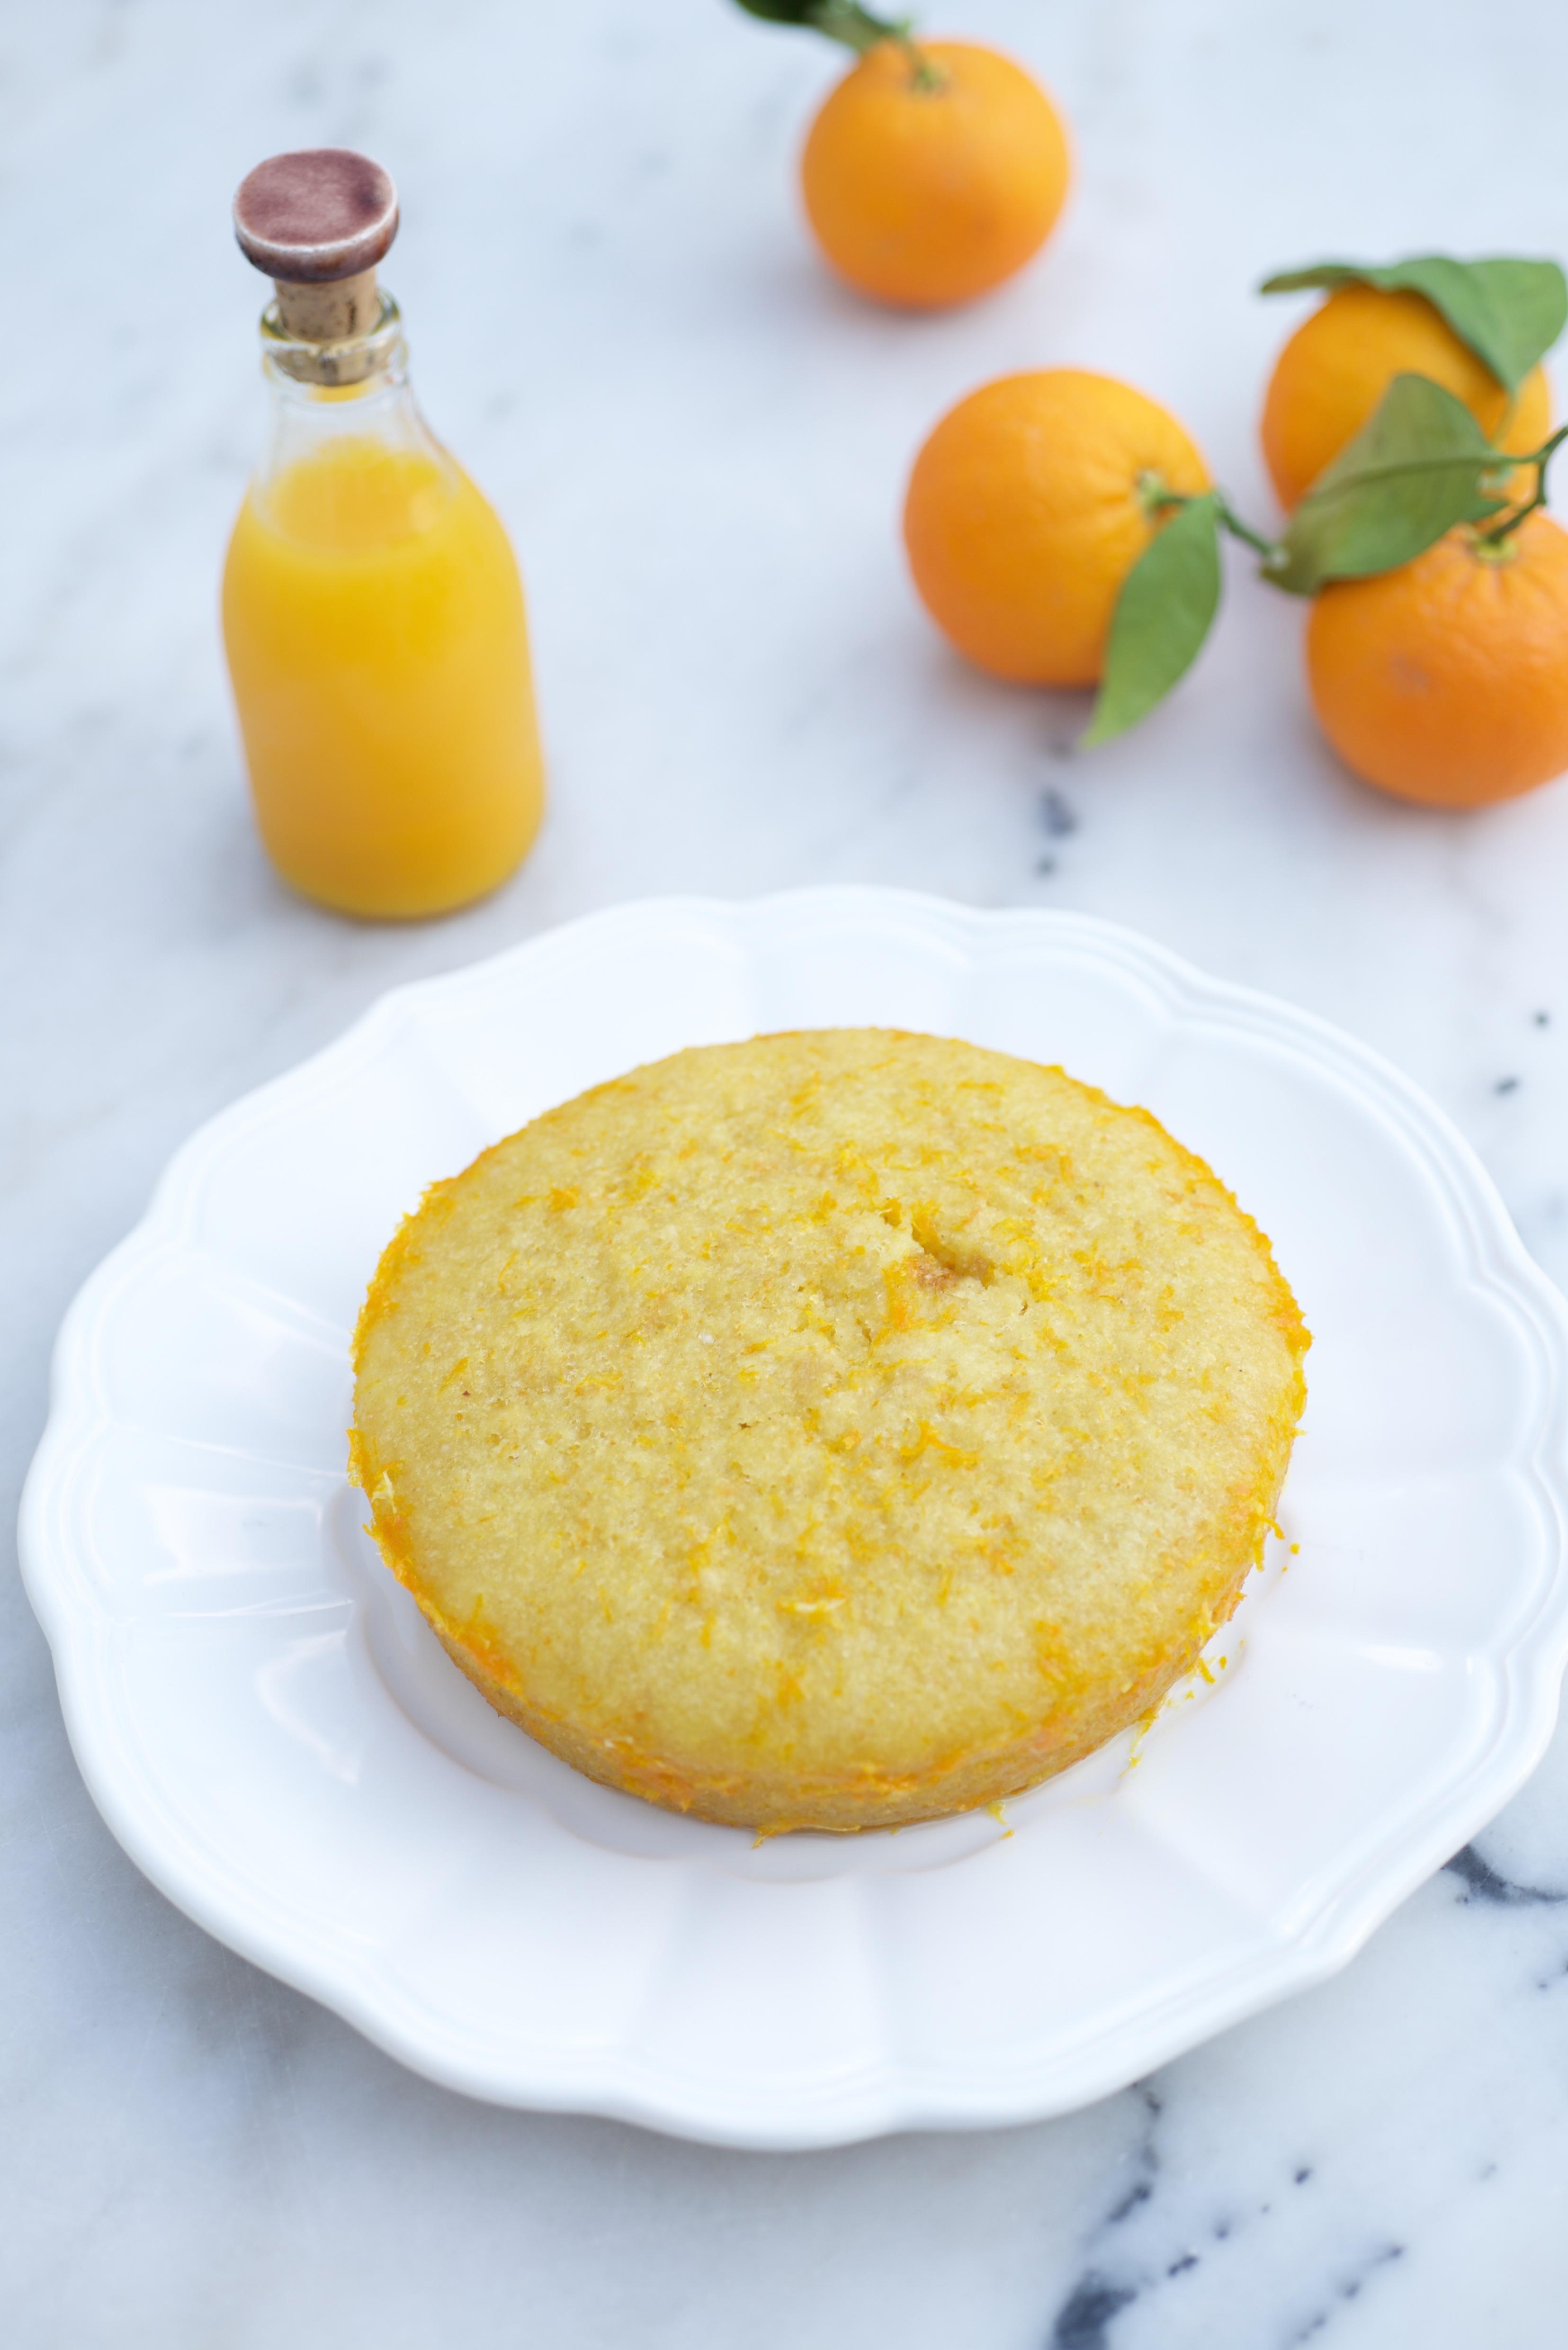 photographie culinaire d'un gâteau à l'orange